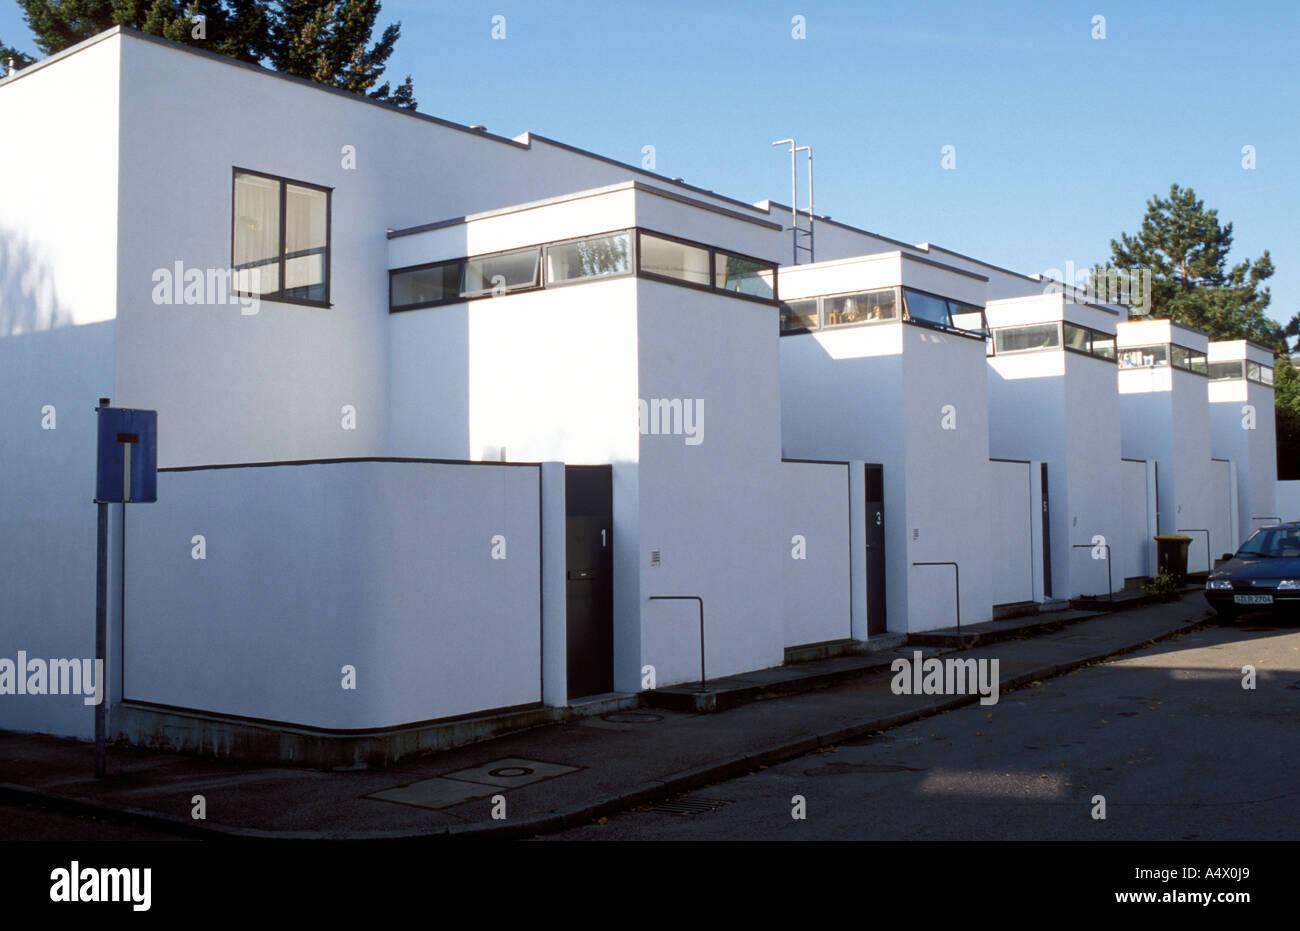 terrassenh user des architekten j j p oud in der wei enhofsiedlung stuttgart baden w rttemberg. Black Bedroom Furniture Sets. Home Design Ideas